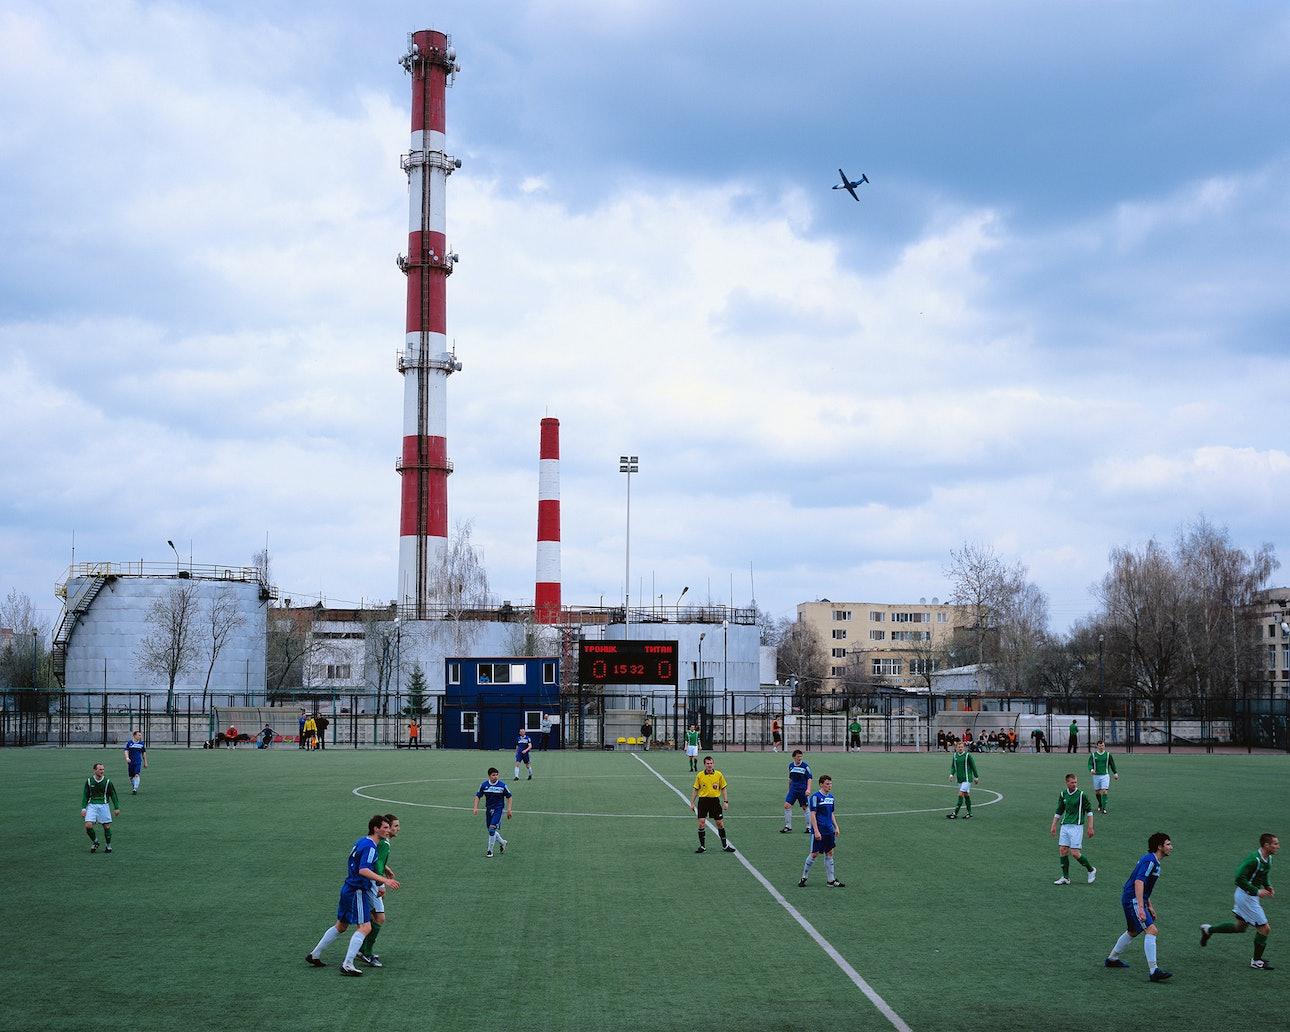 Sergey_Novikov_Grassroots_Troitsk_Moscow_2012